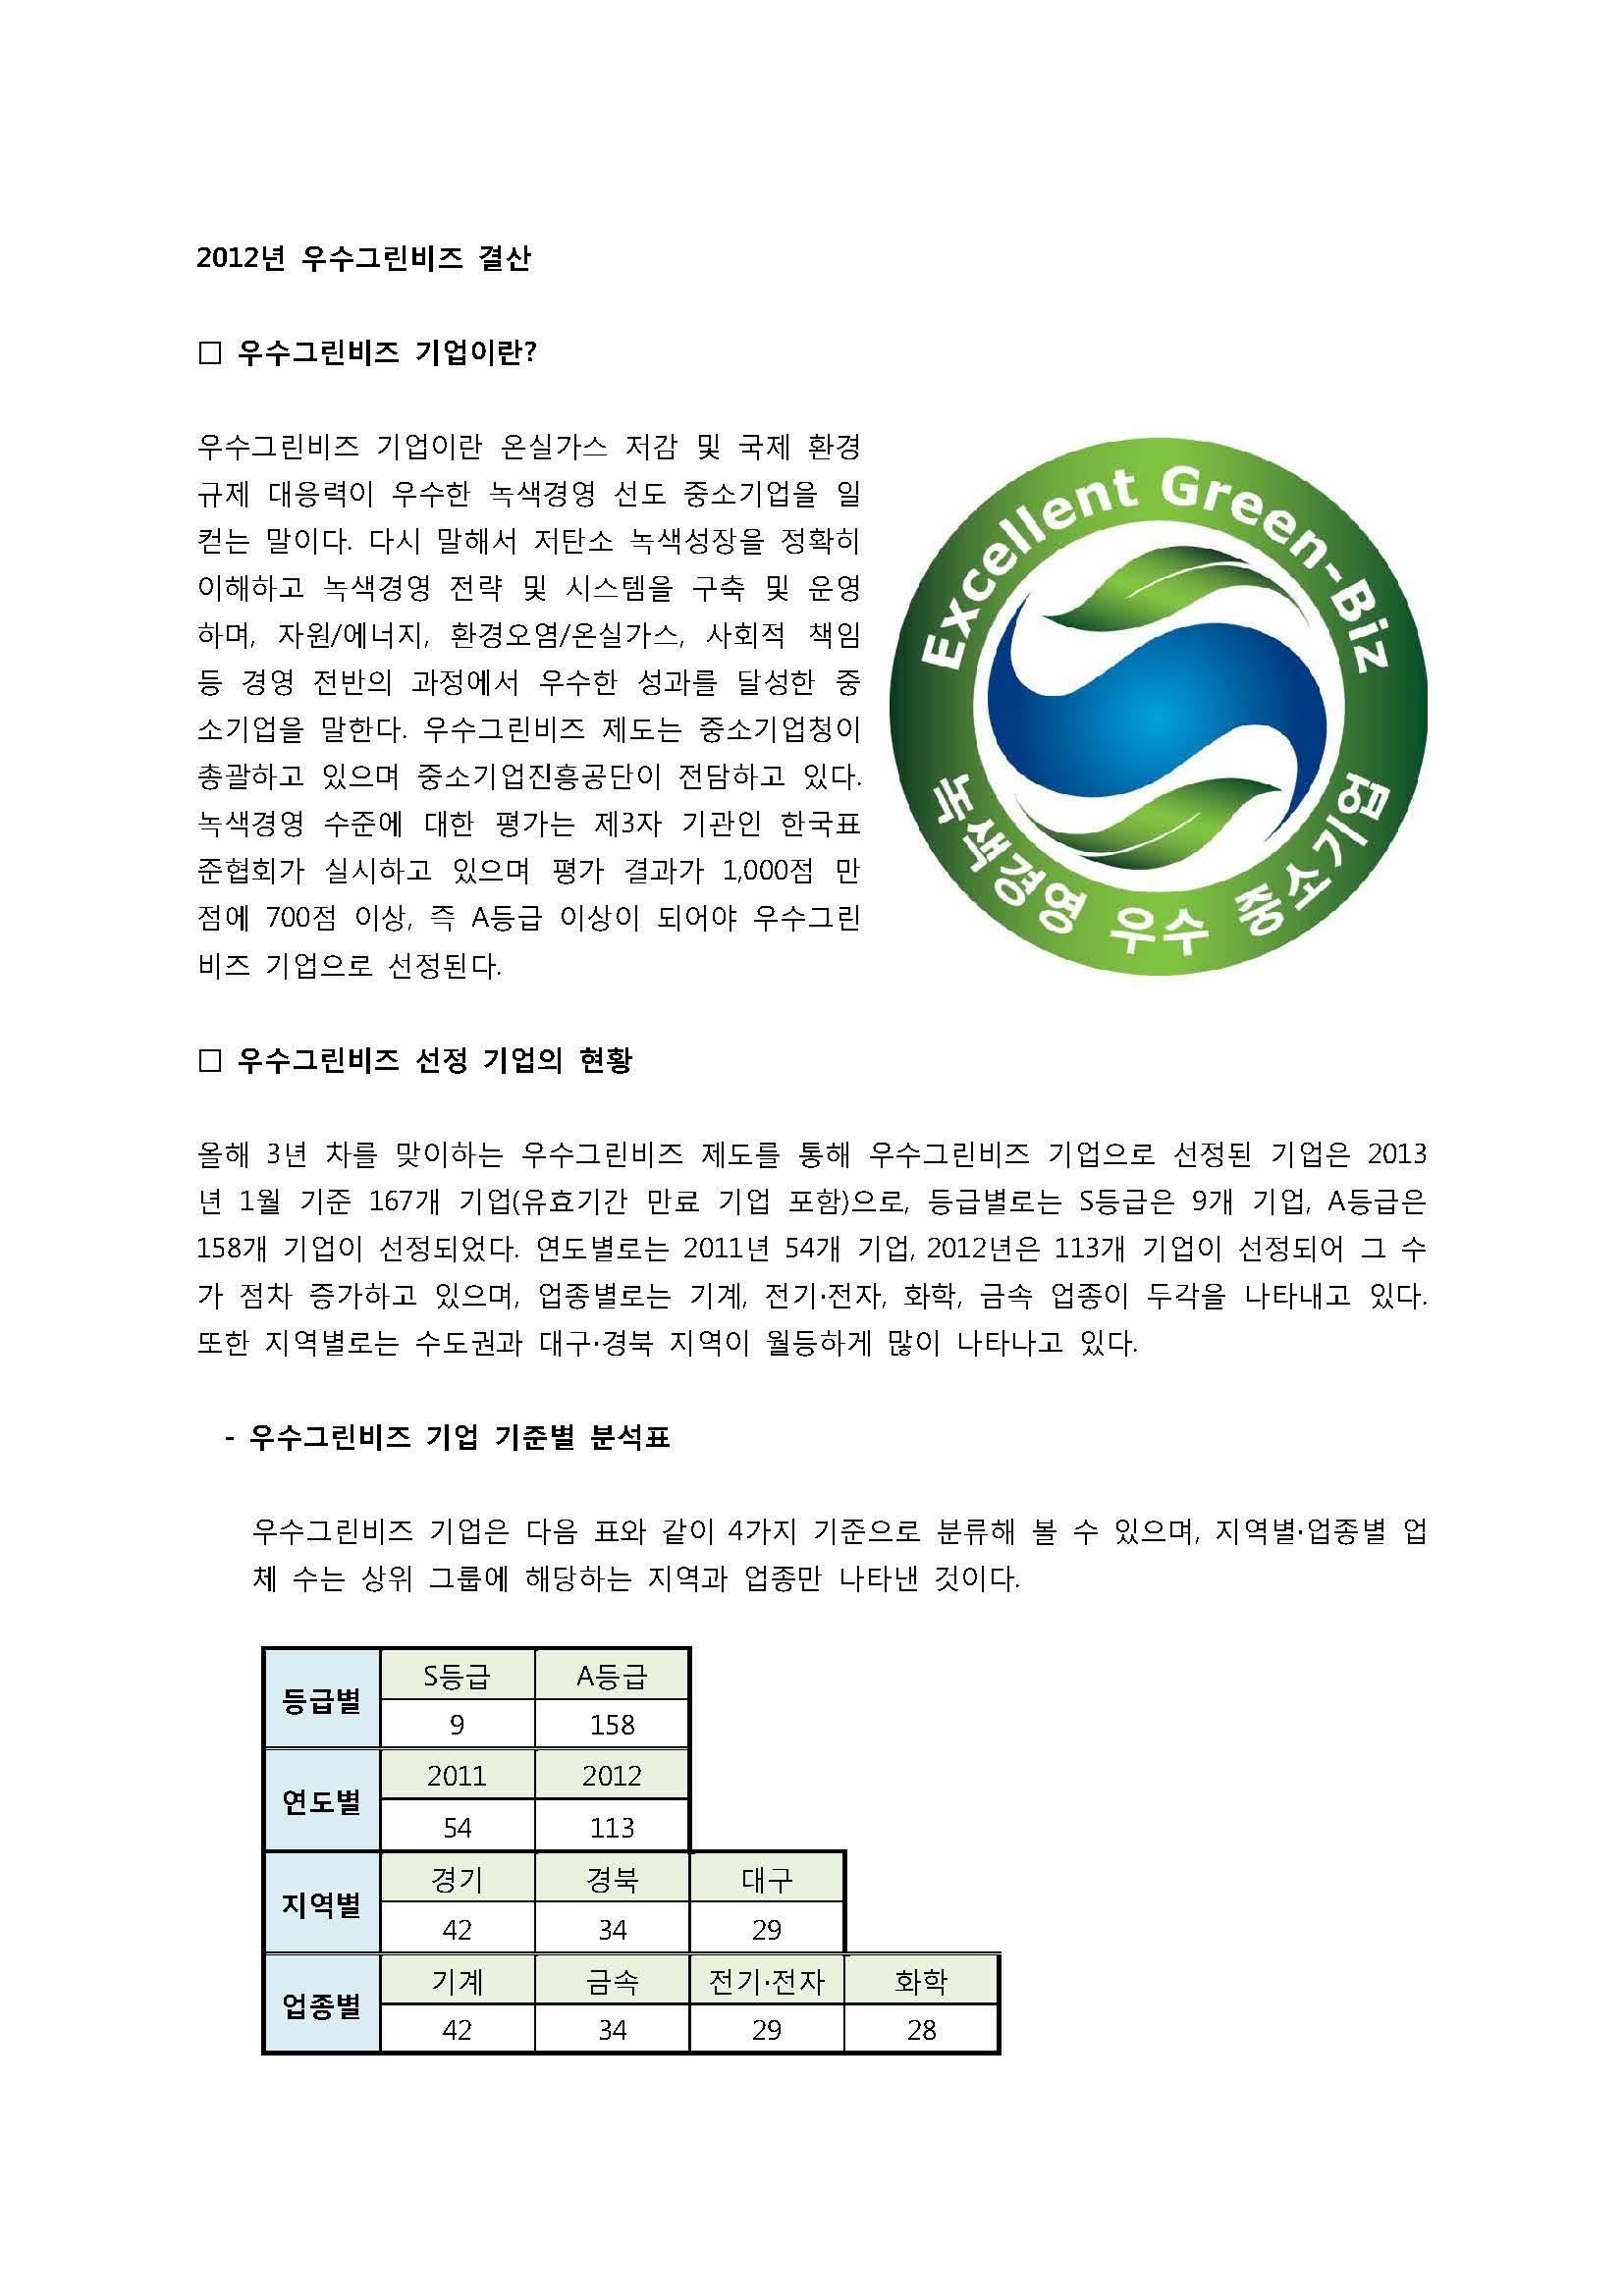 7. 녹색경영 우수 중소기업의 현황_페이지_1.jpg